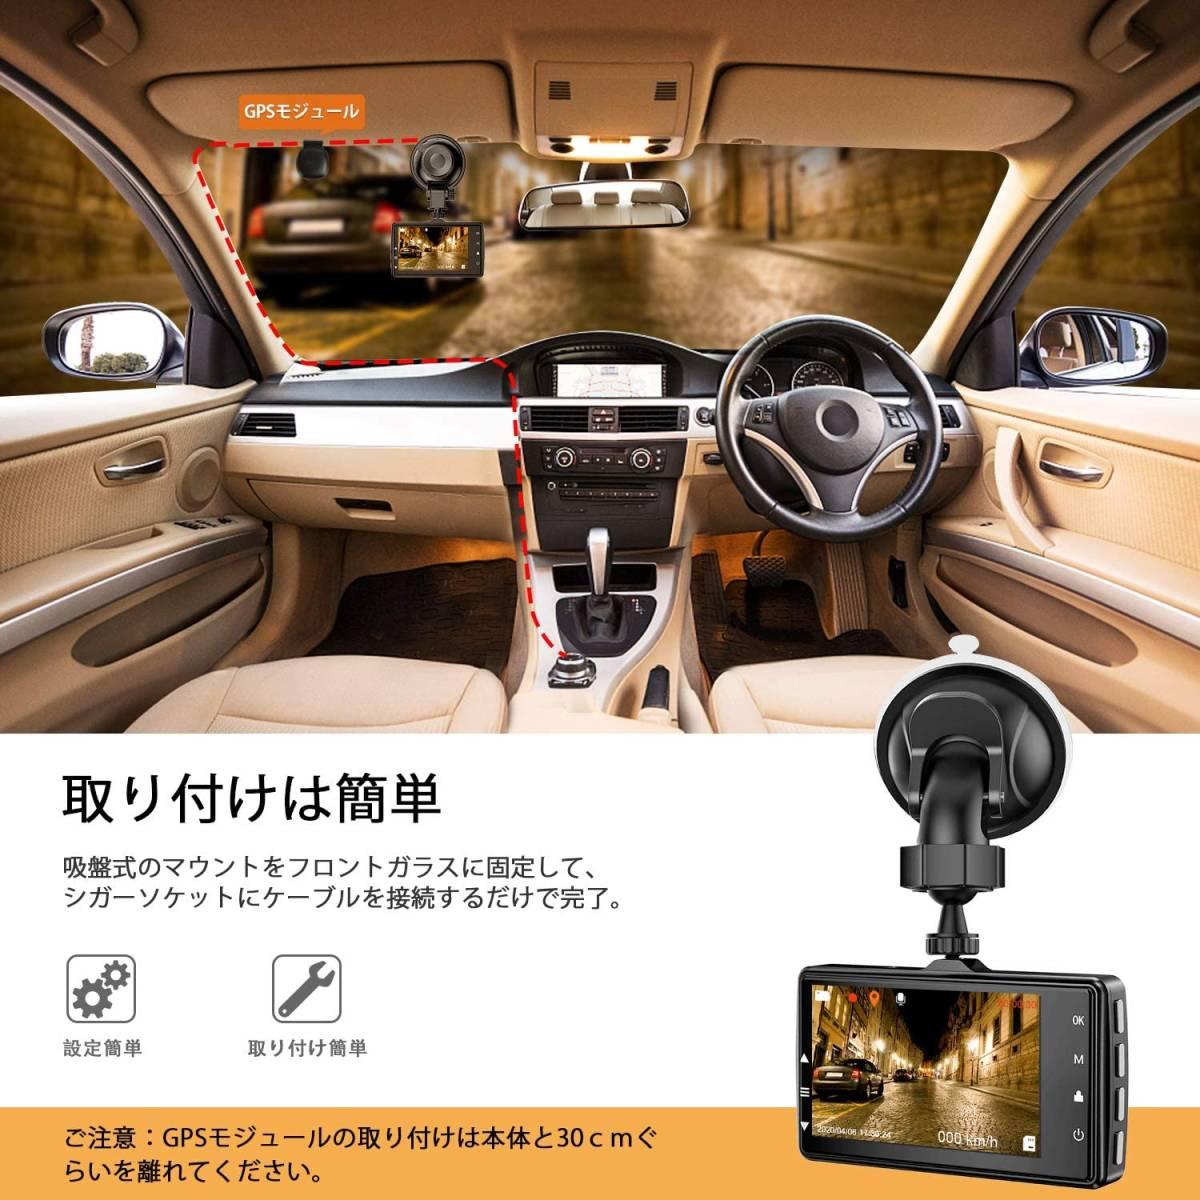 【2021進化版&GPS搭載&前後カメラ】.ドライブレコーダー 前後カメラ1080PフルHD 3.0インチ高画質 170度広角視野 常時録画 Gセンサー_画像7